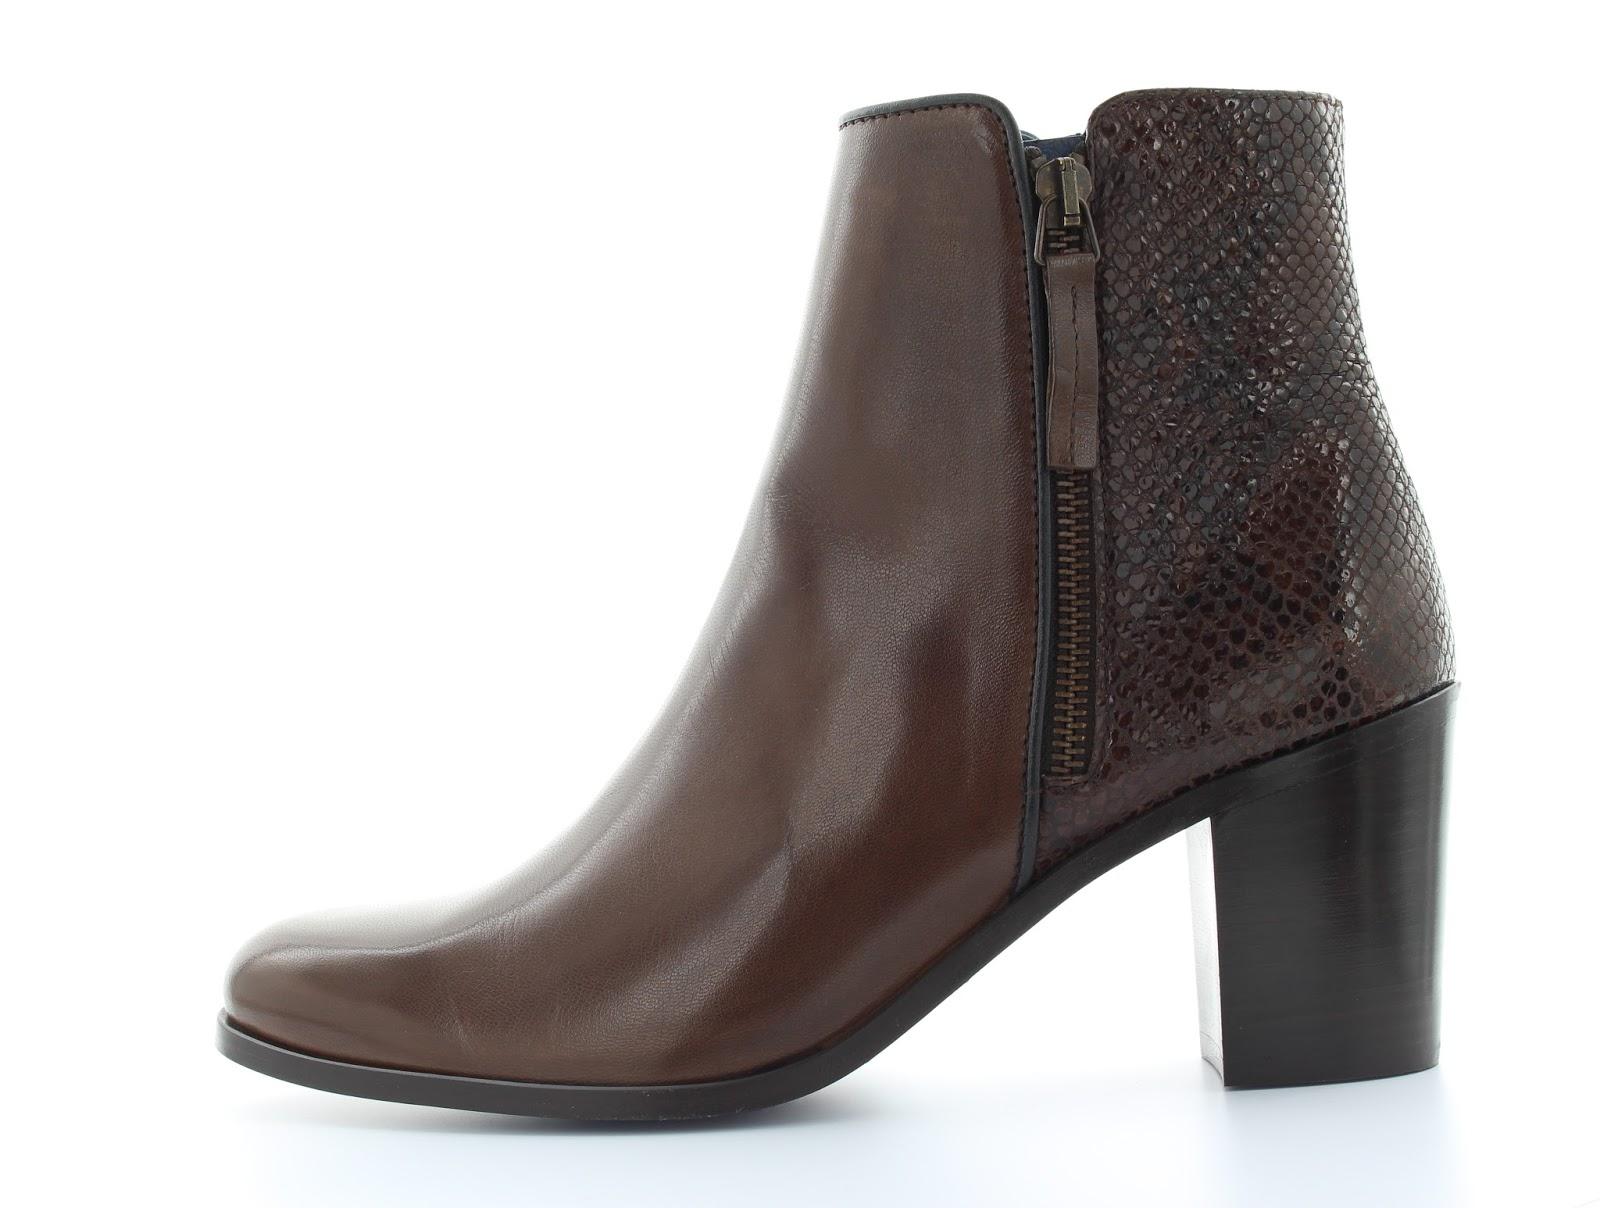 66ae84f7f1f59 Effectivement il y a une clientèle acquise, plus âgée, et qui trouve  chaussure à son pied, mais il y a du renouveau, et l on peu trouver des  lignes beaucoup ...